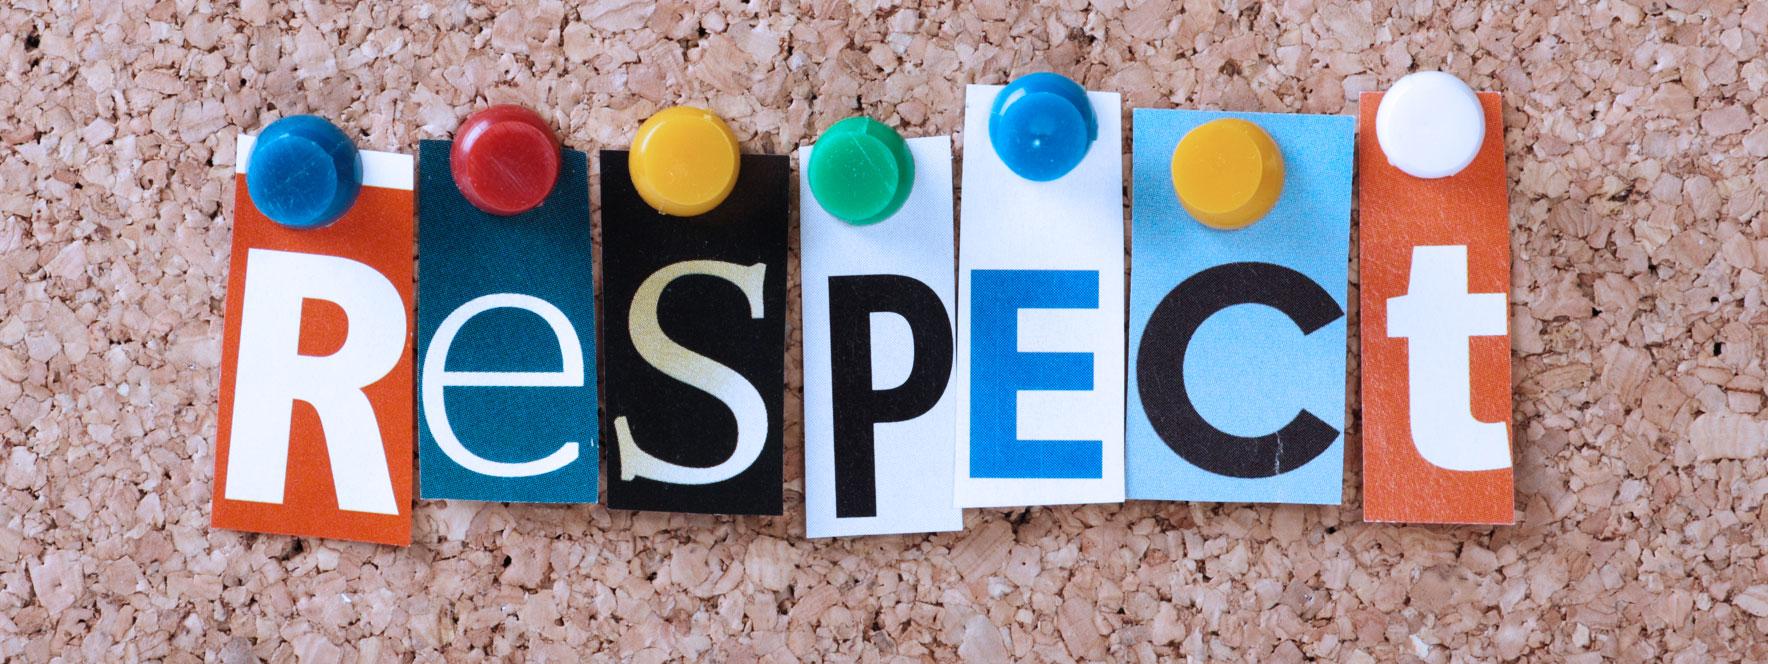 Mot respect épinglé sur un tableau - Blogue du Réseau